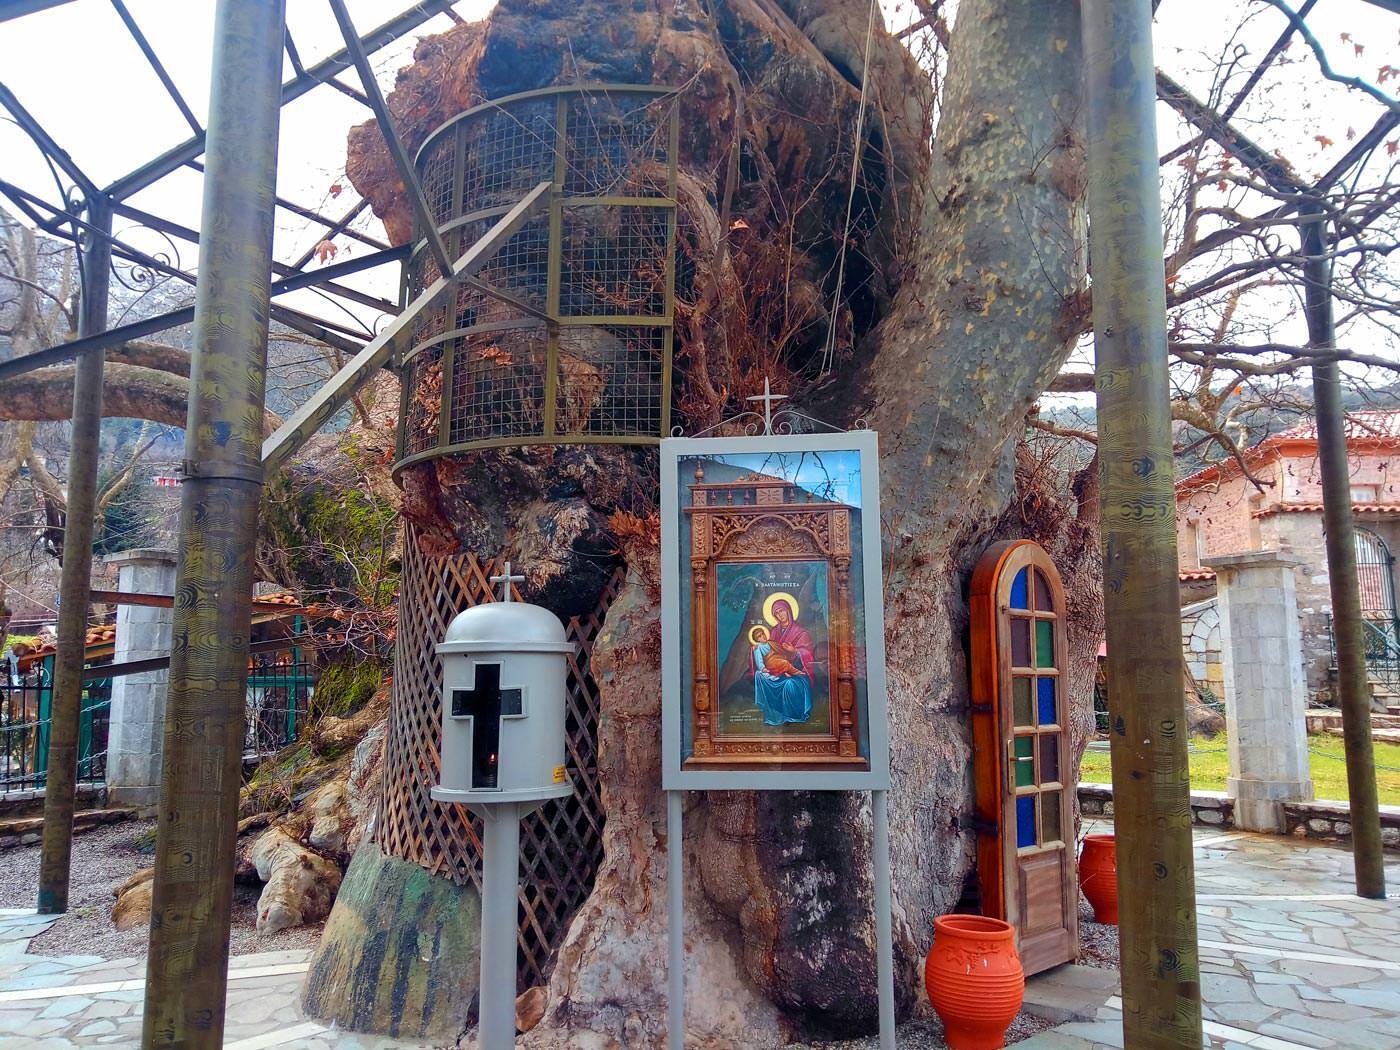 εκκλησάκι Παναγιάς Πλατανιώτισσας